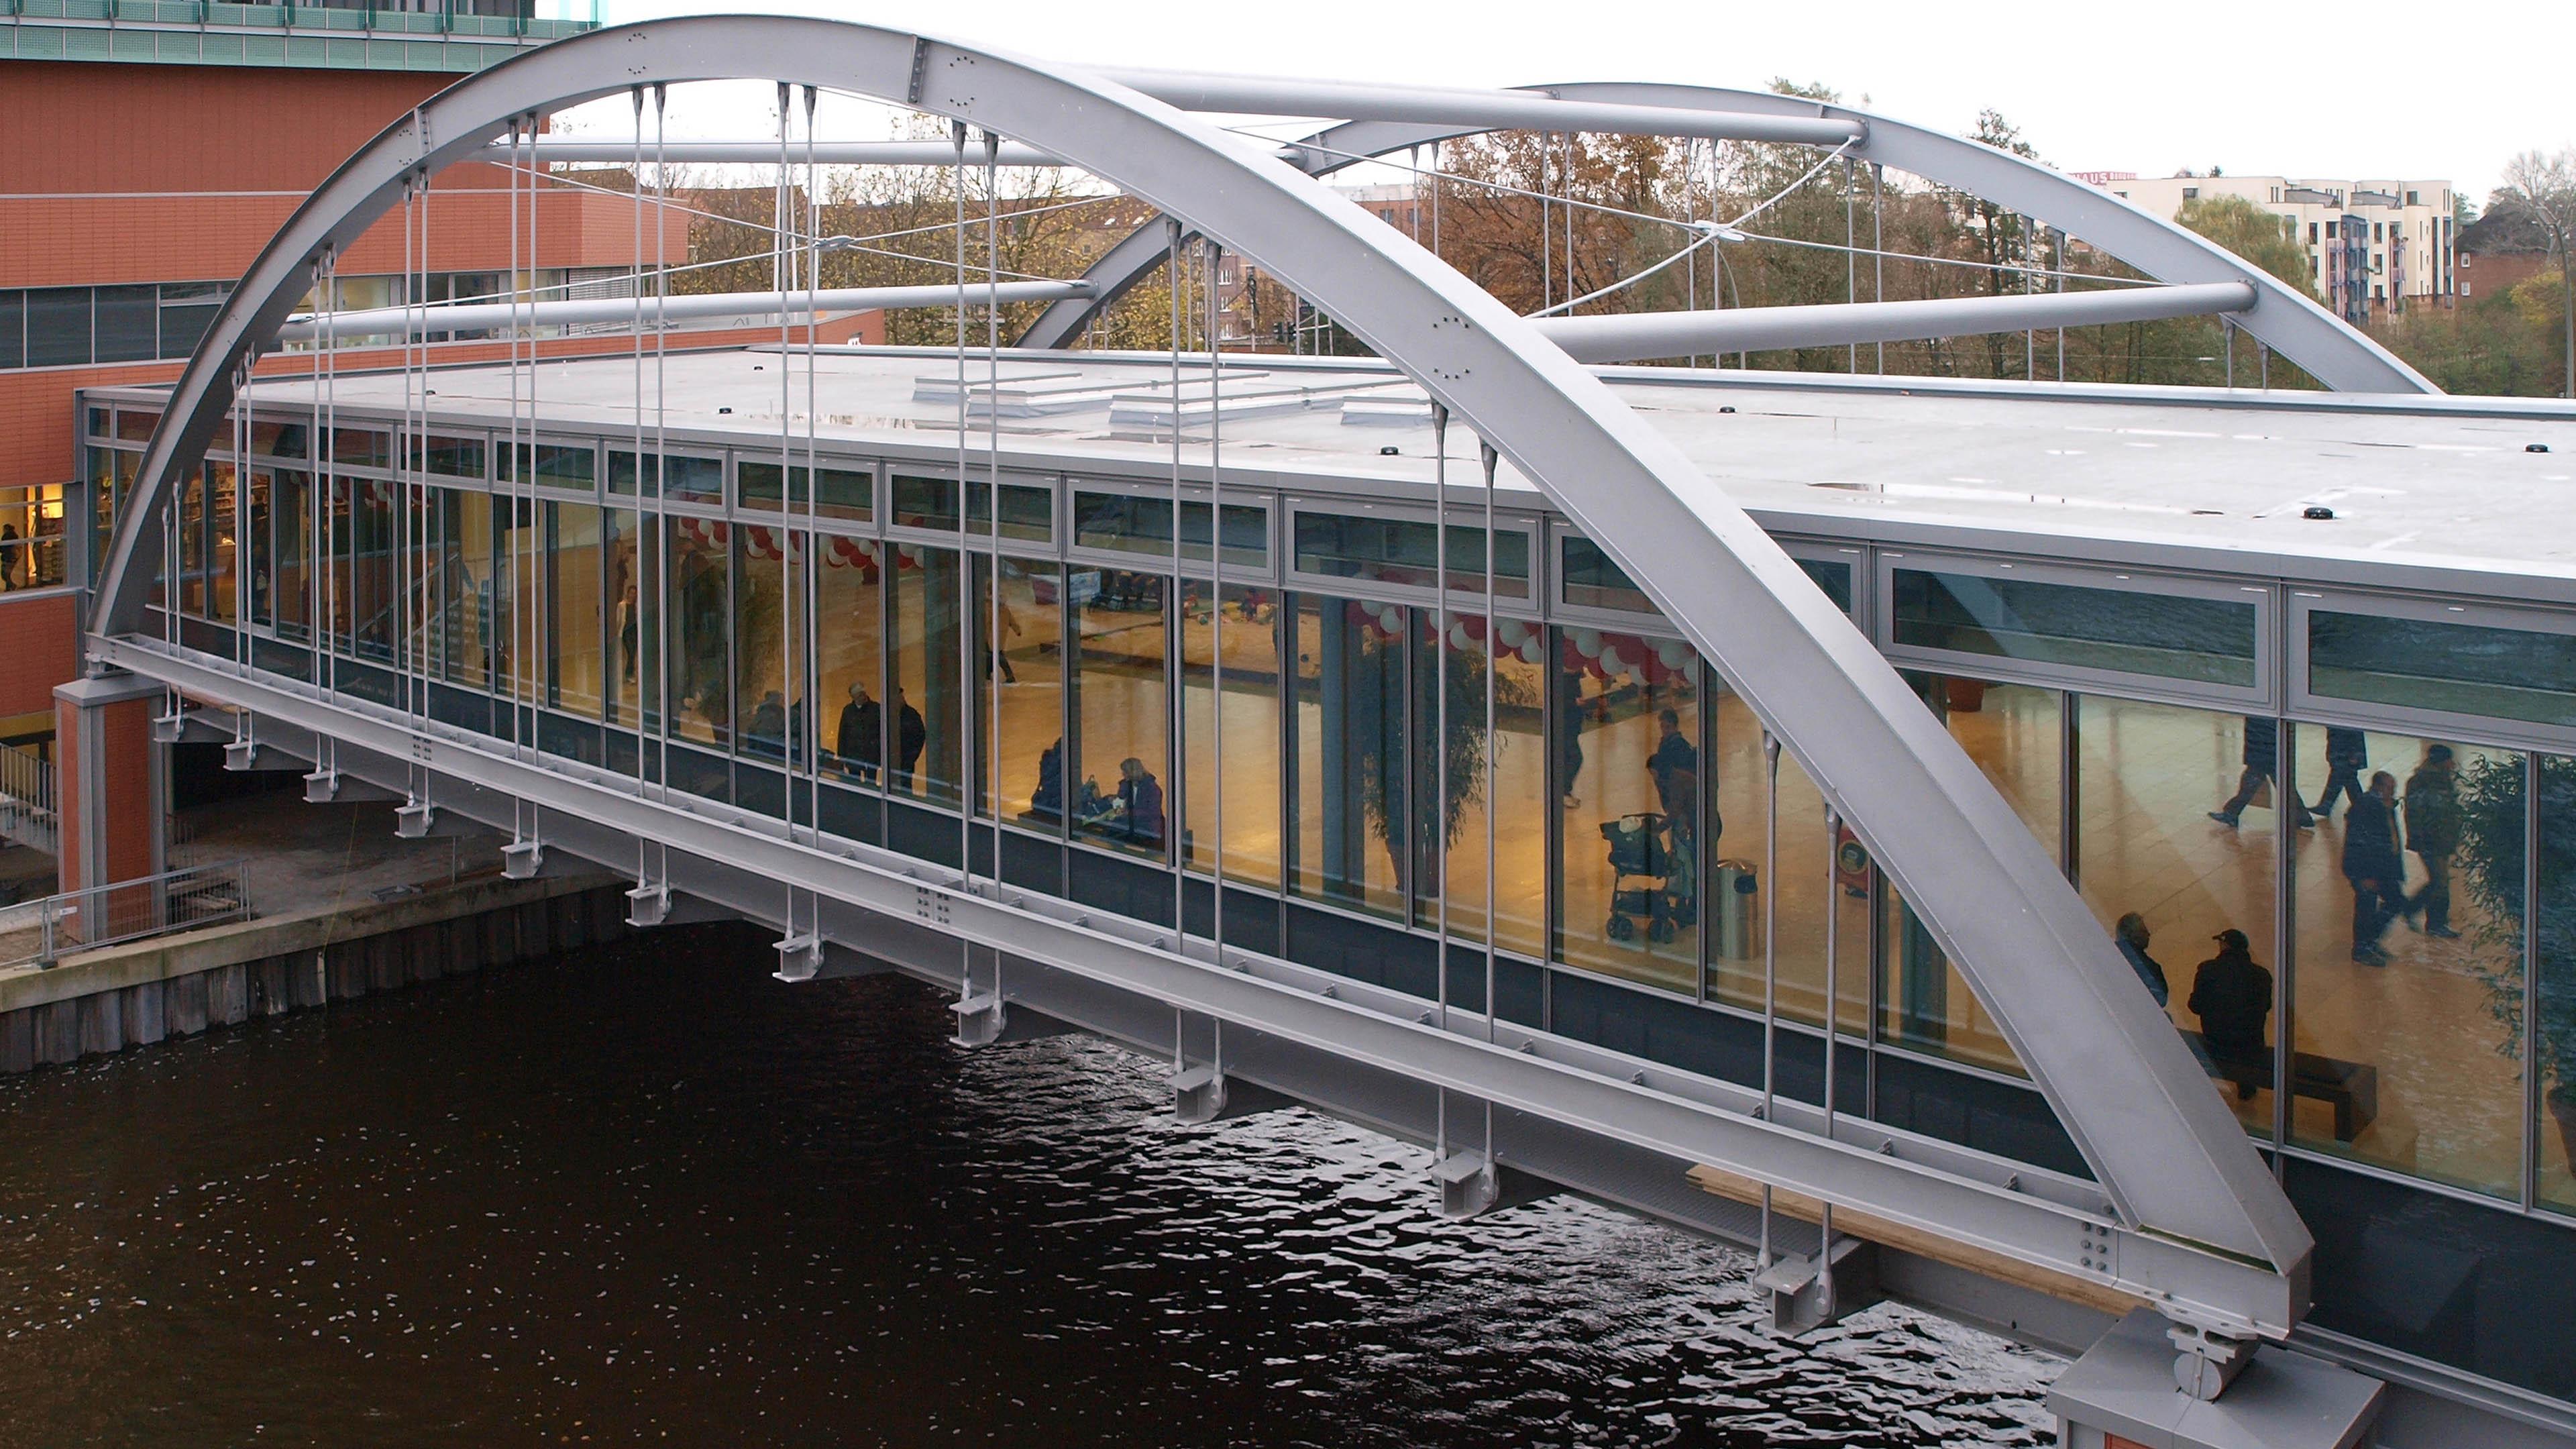 Verbindungsbrücke in Hamburg Bergedorf